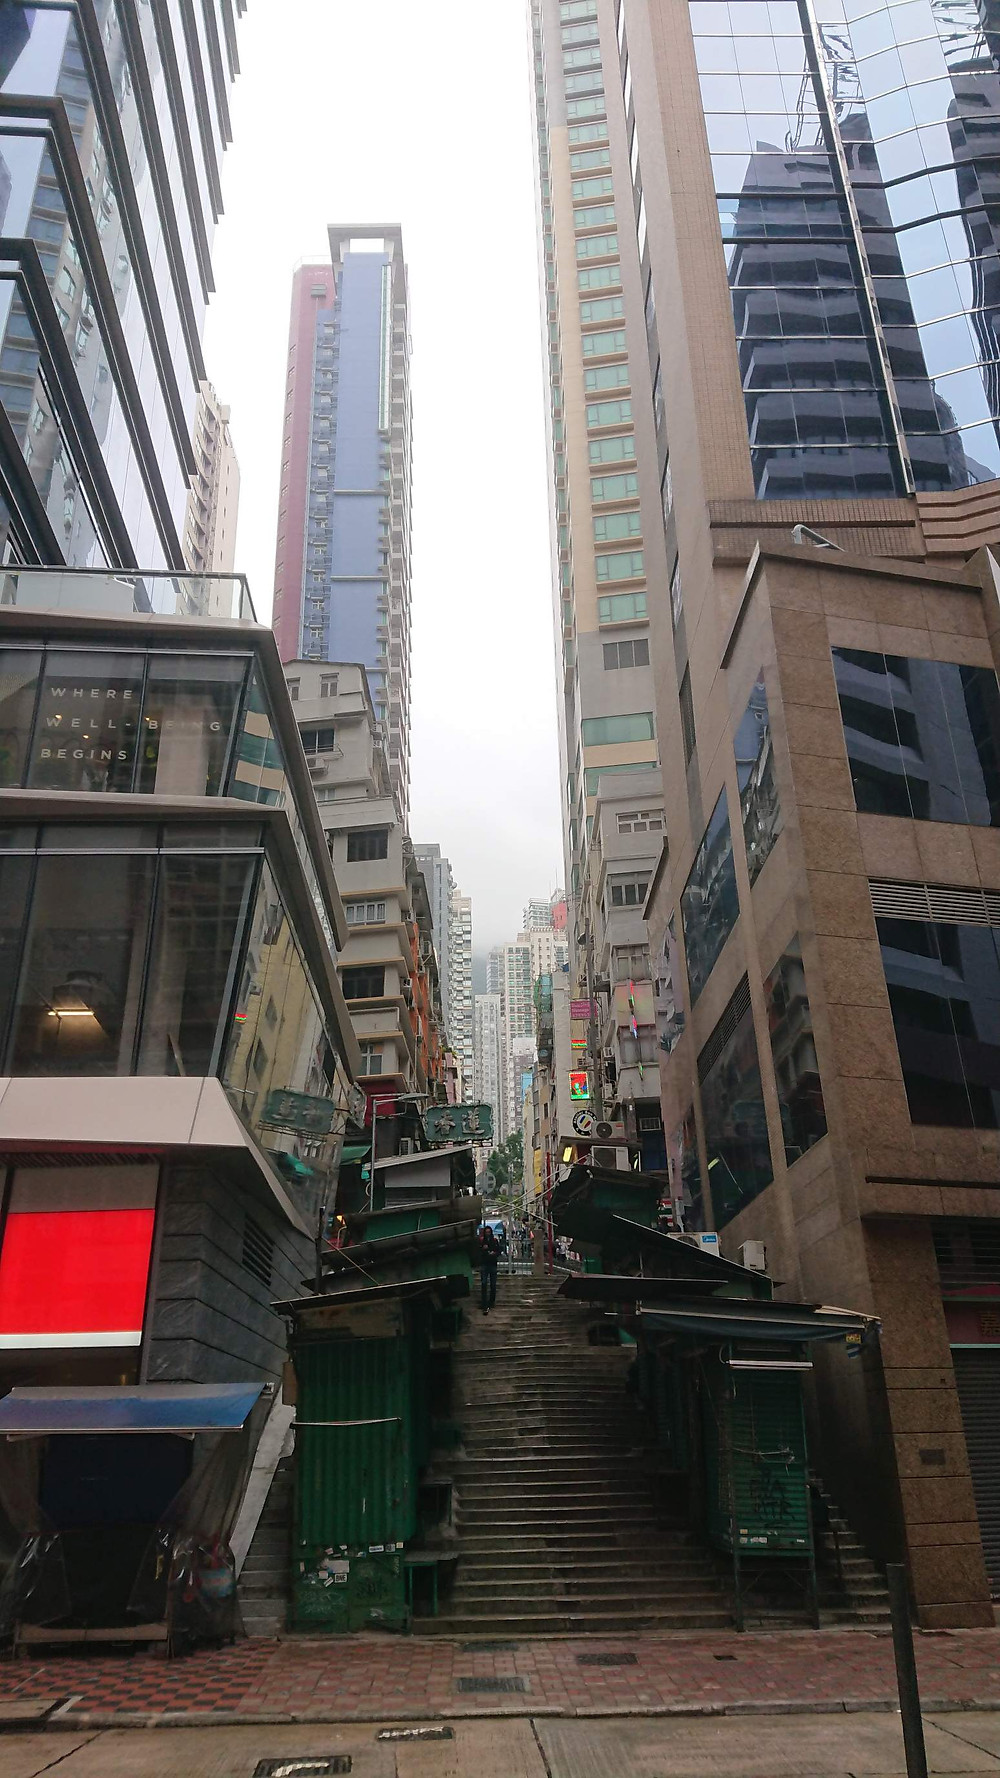 Улицы Гонконга - города для самобытных путешествий.